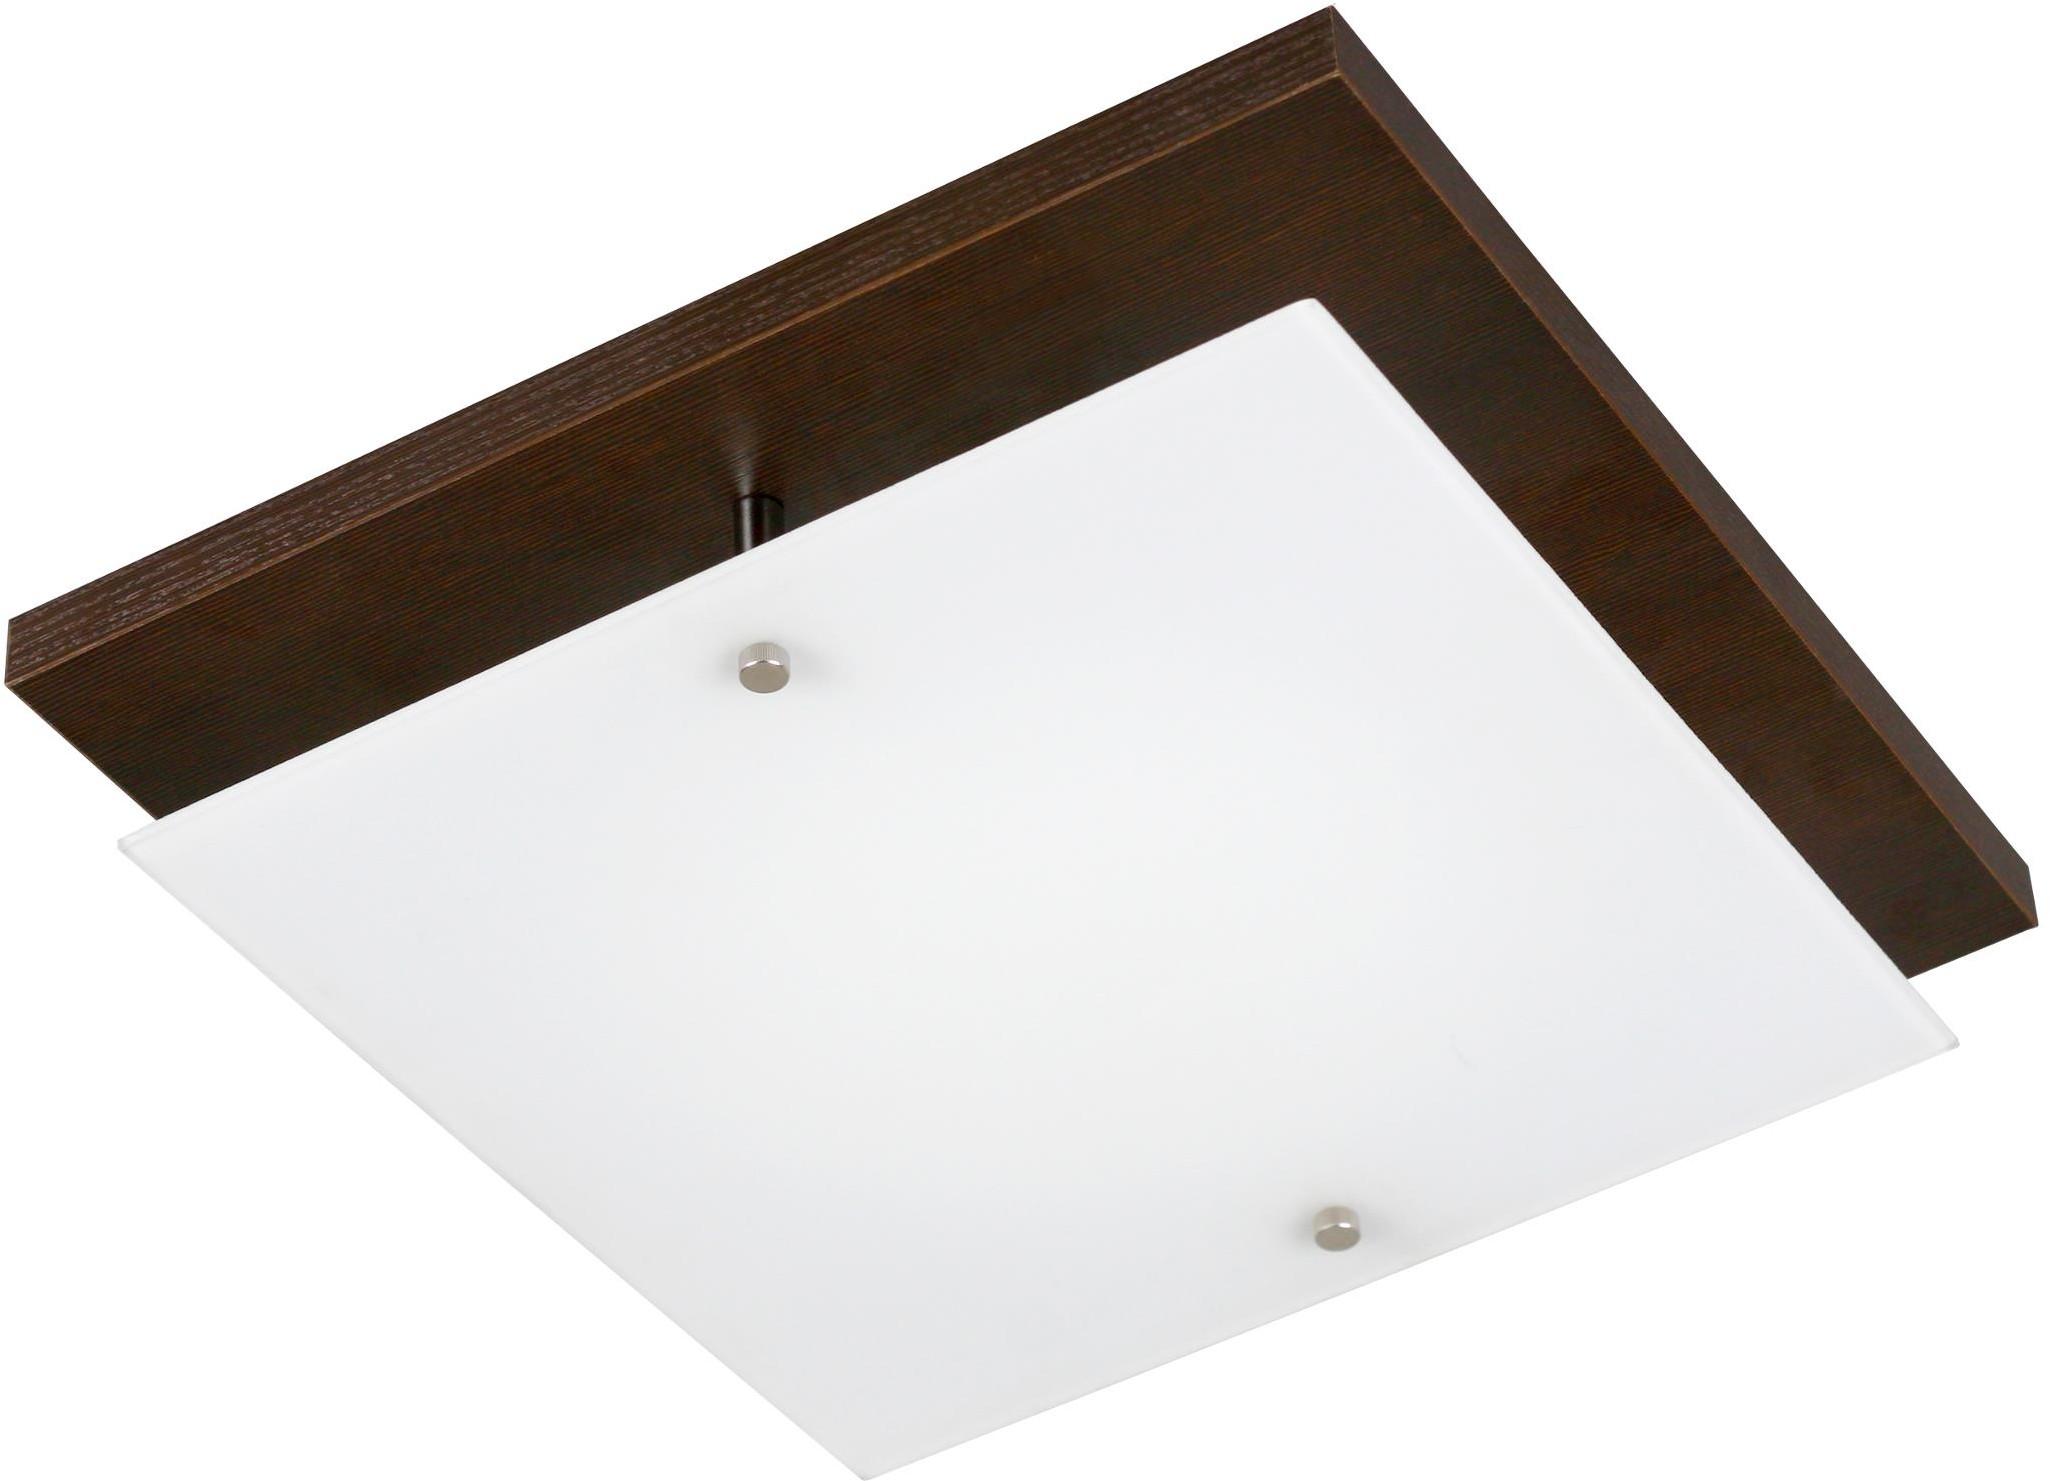 Lampex Plafon Vetro D31 Wenge 197/D31 WEN